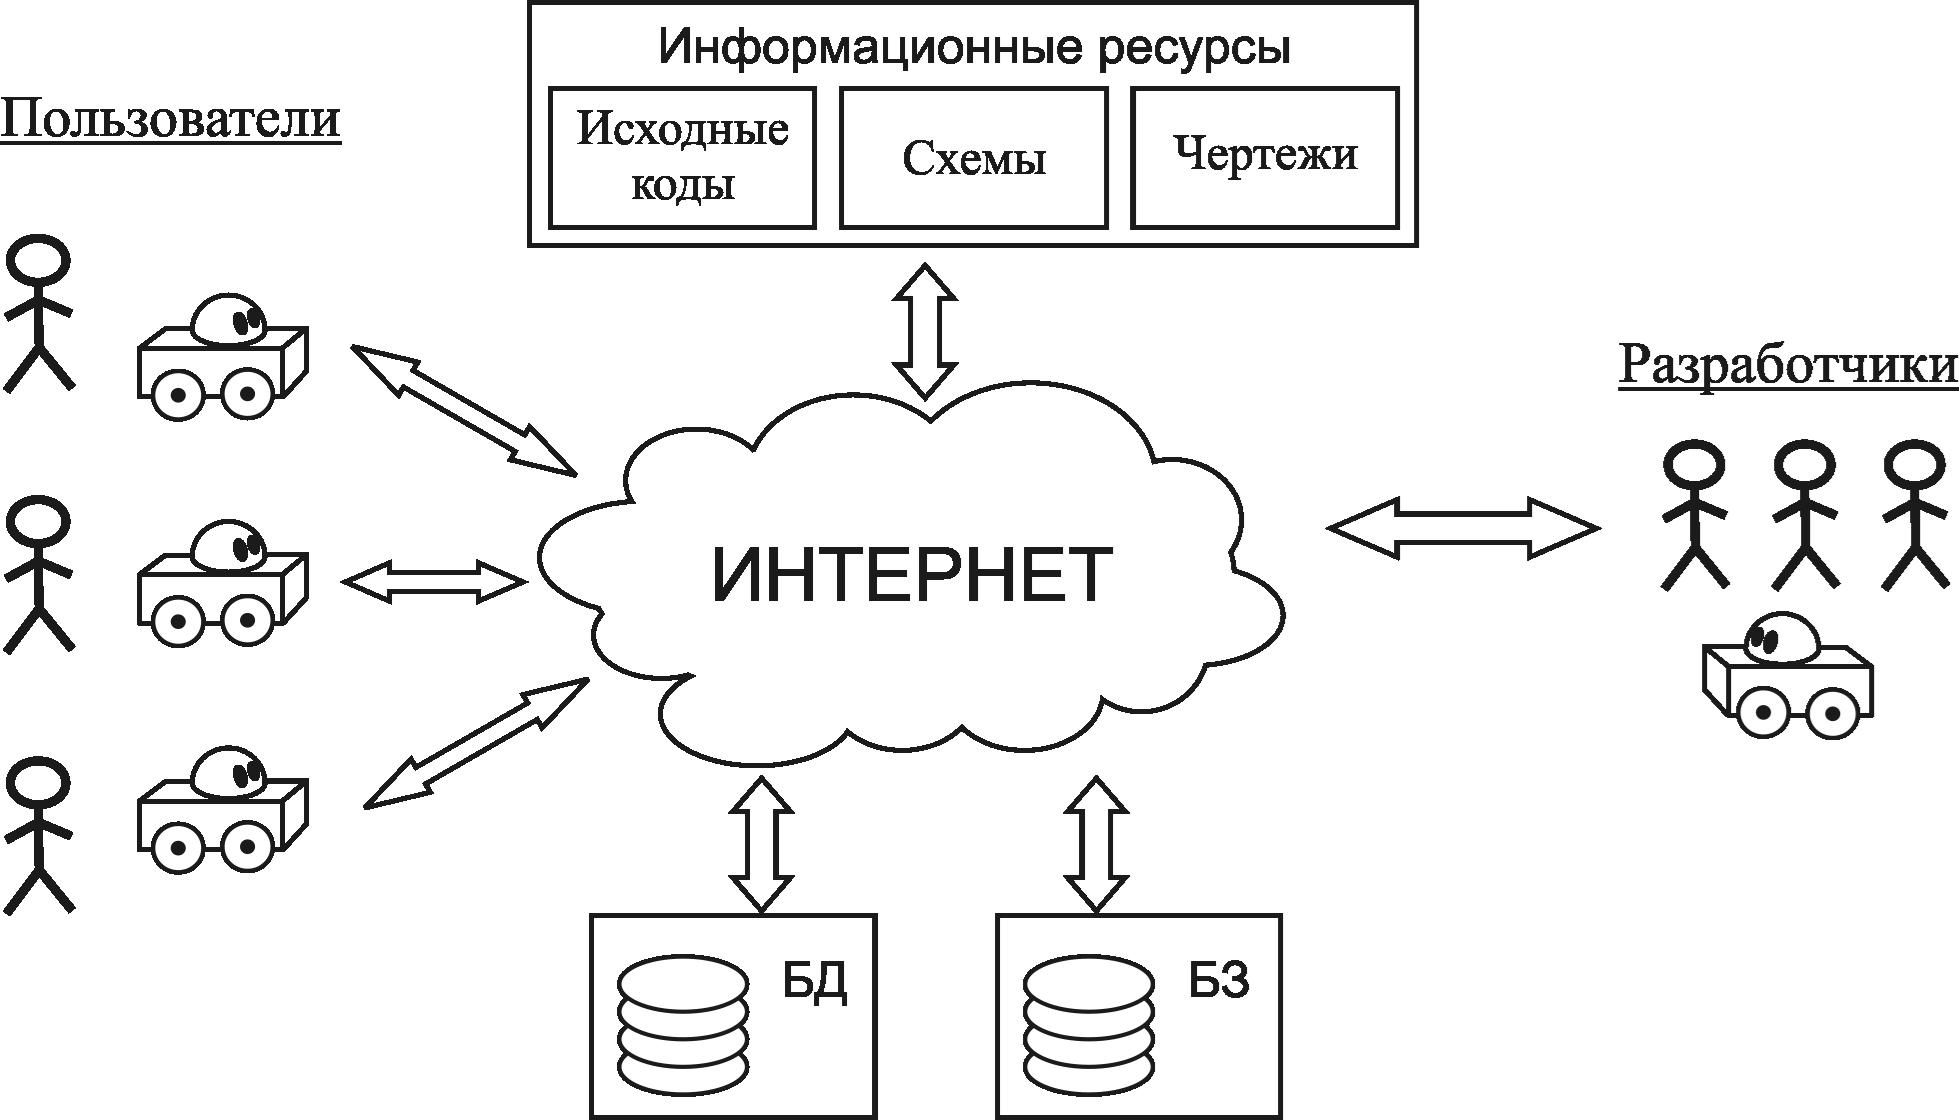 Рисунок 1 - Схема взаимодействия разработчиков и пользователей универсальной платформы